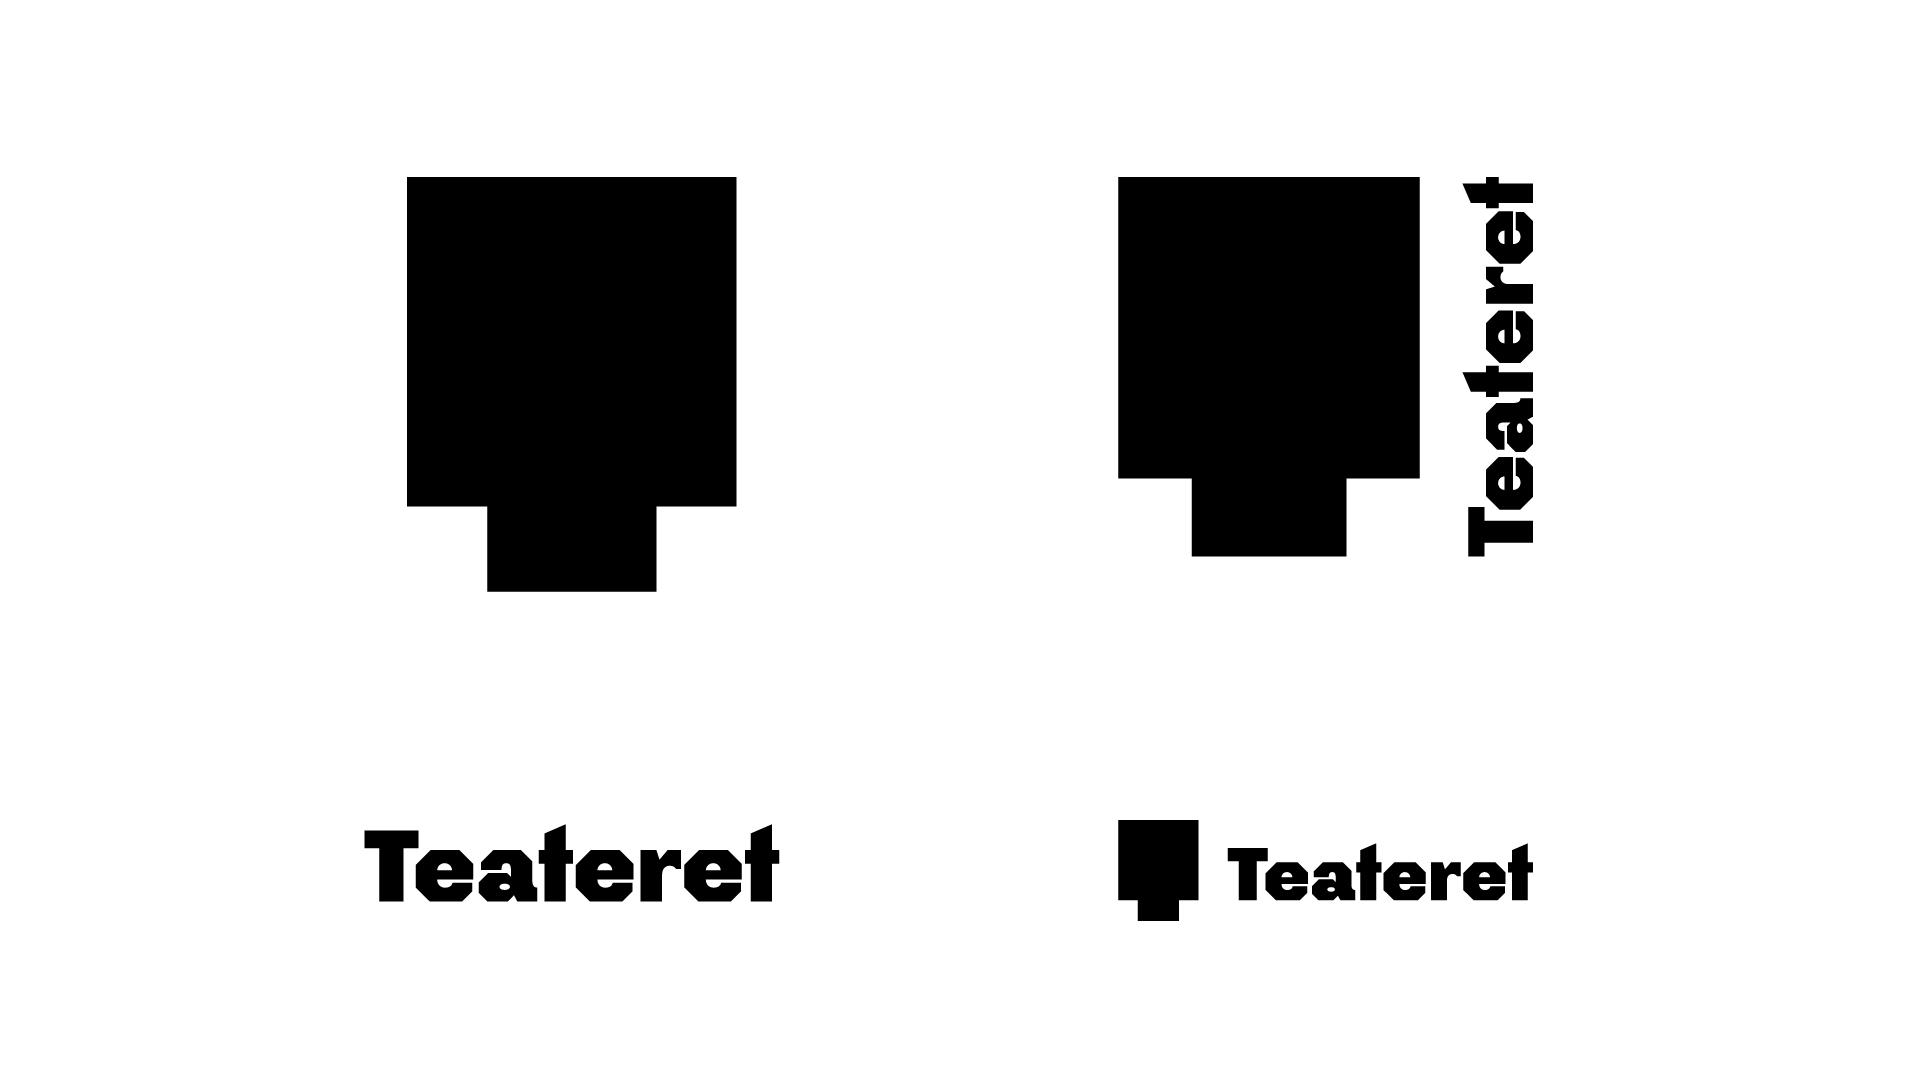 Ulike versjoner av teaterets logo